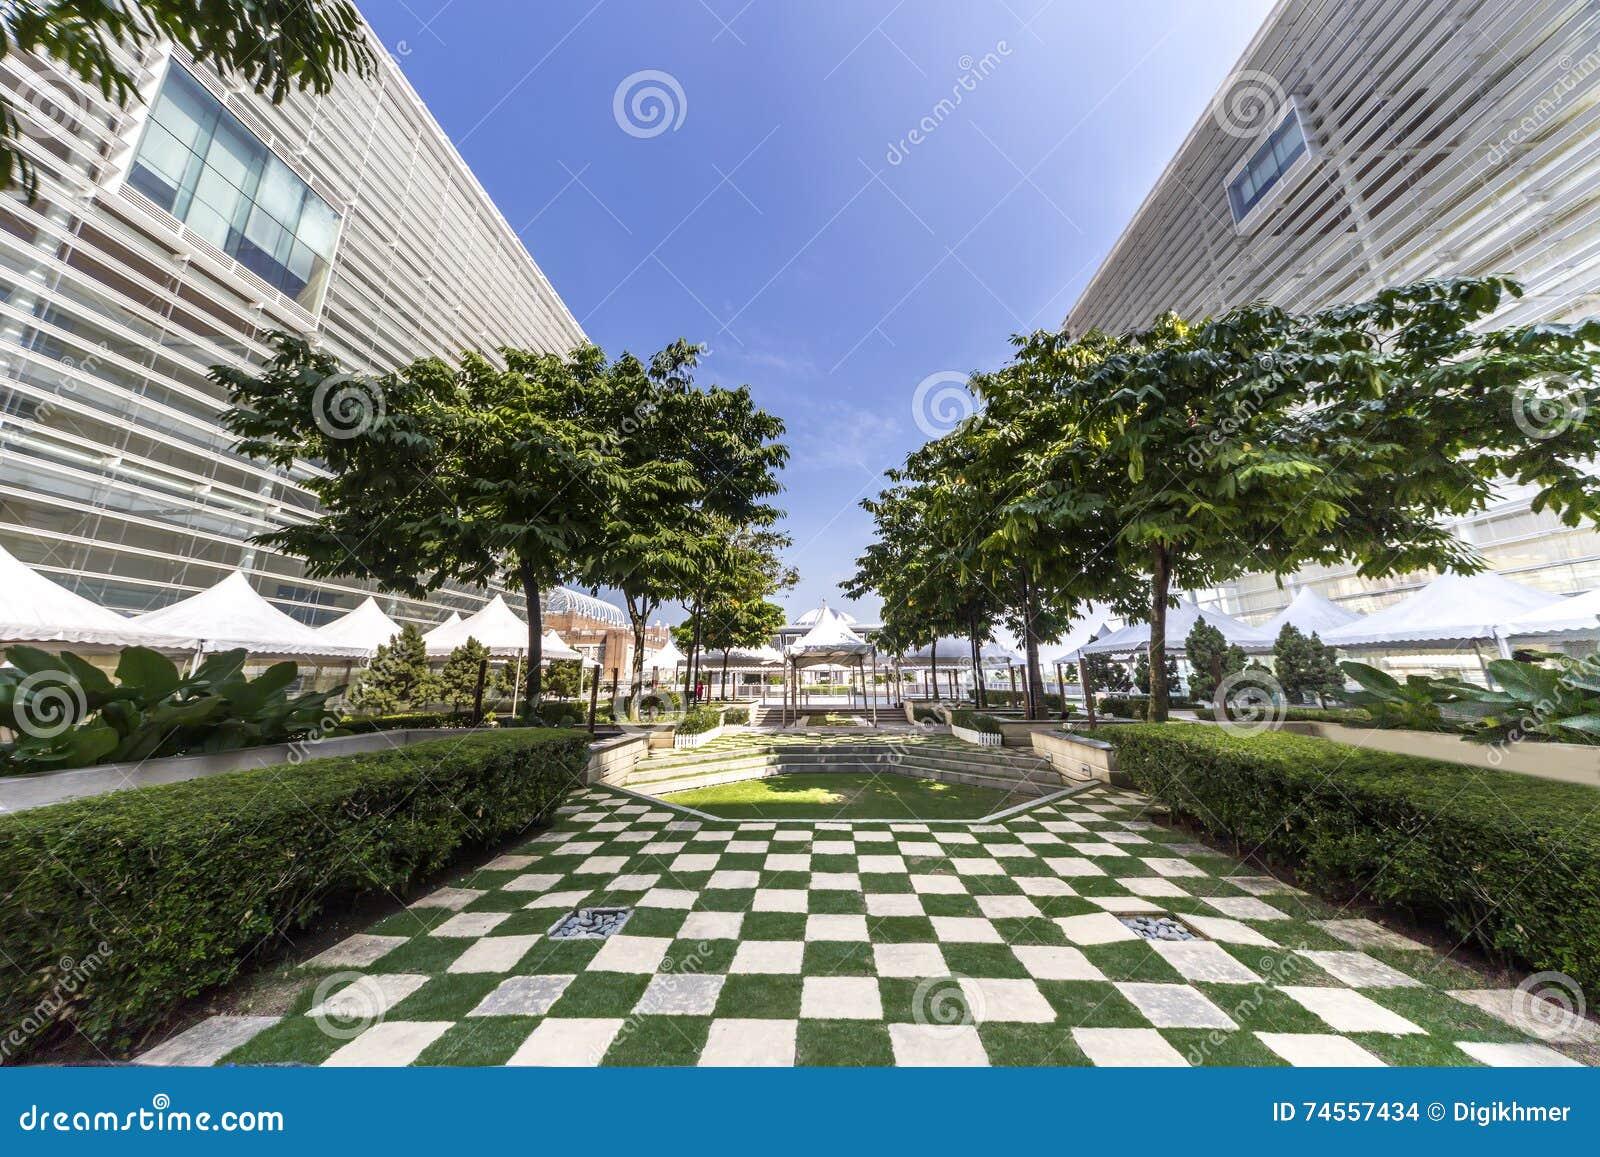 Islamic Public Garden Design